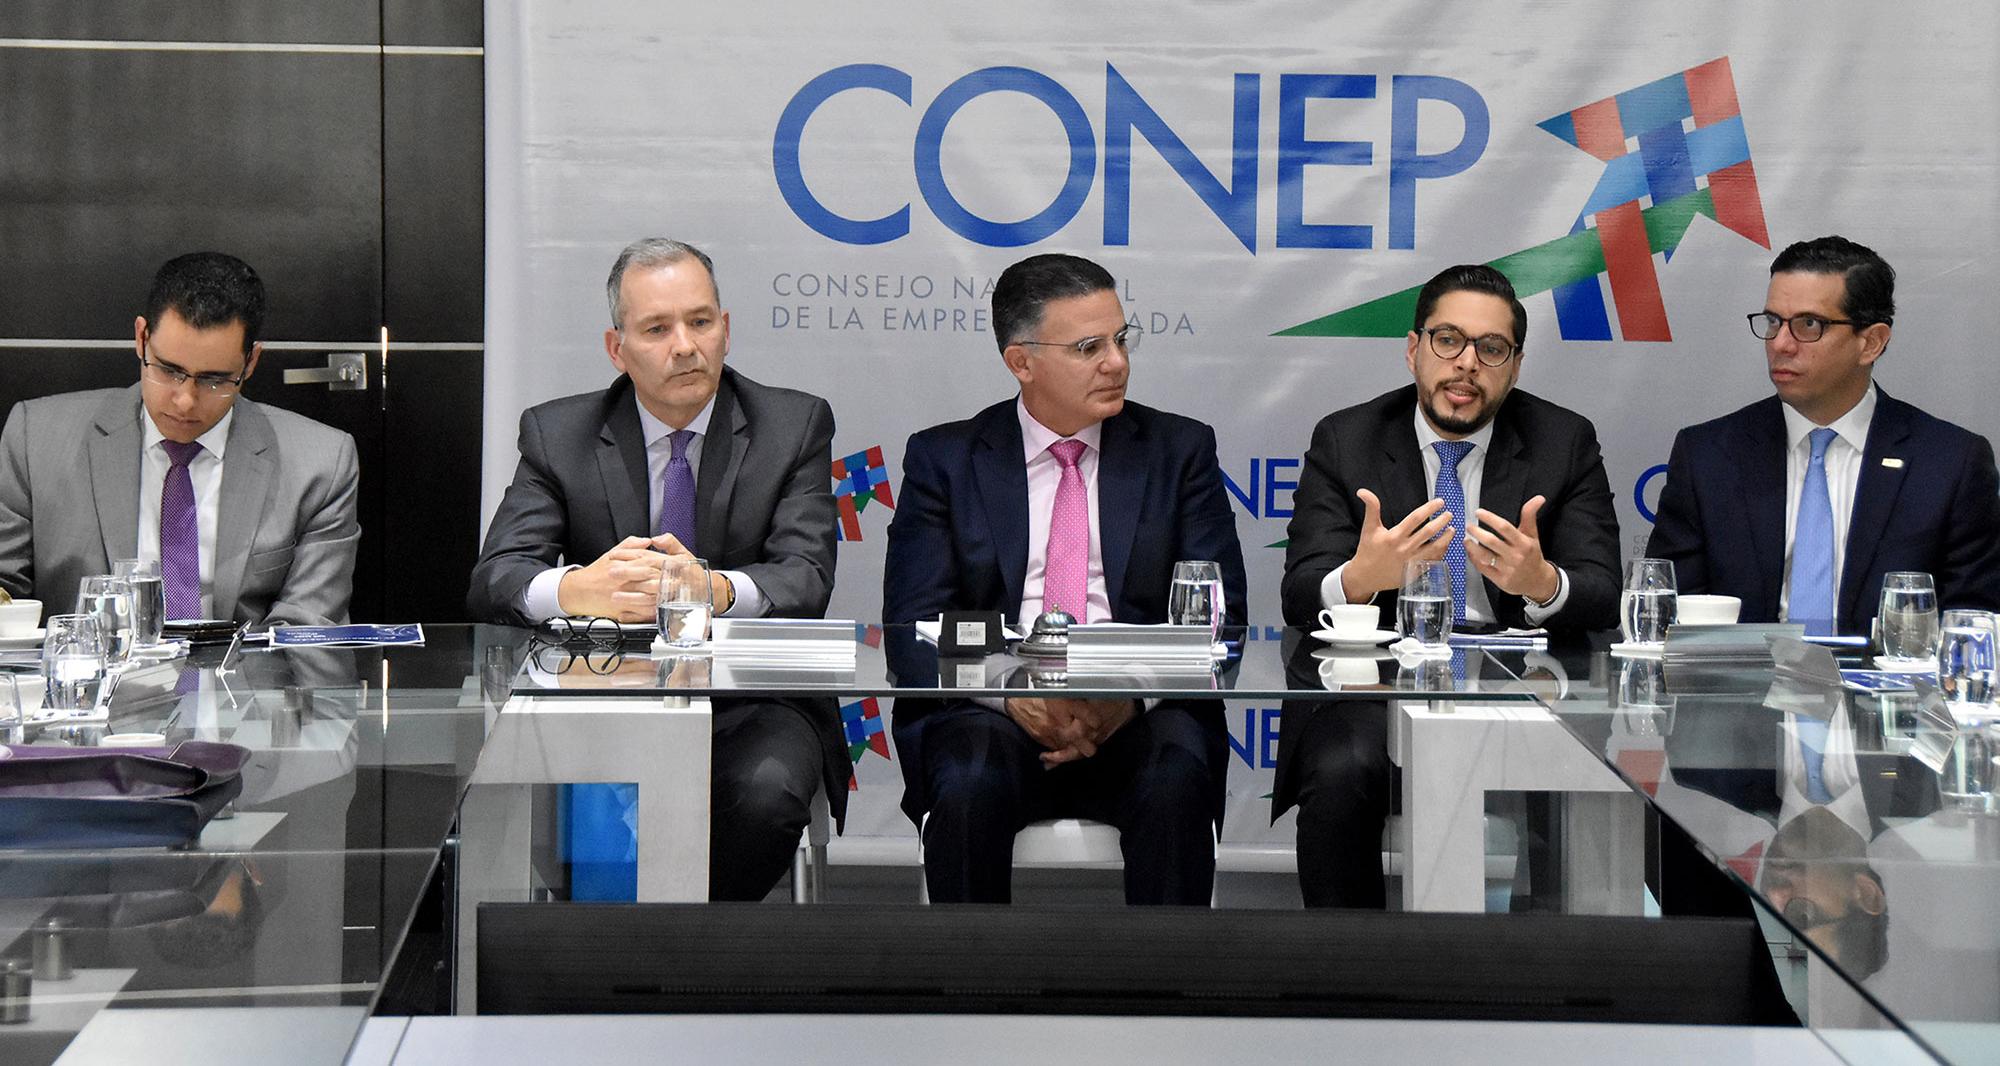 Gobierno al PPP Américas 2019